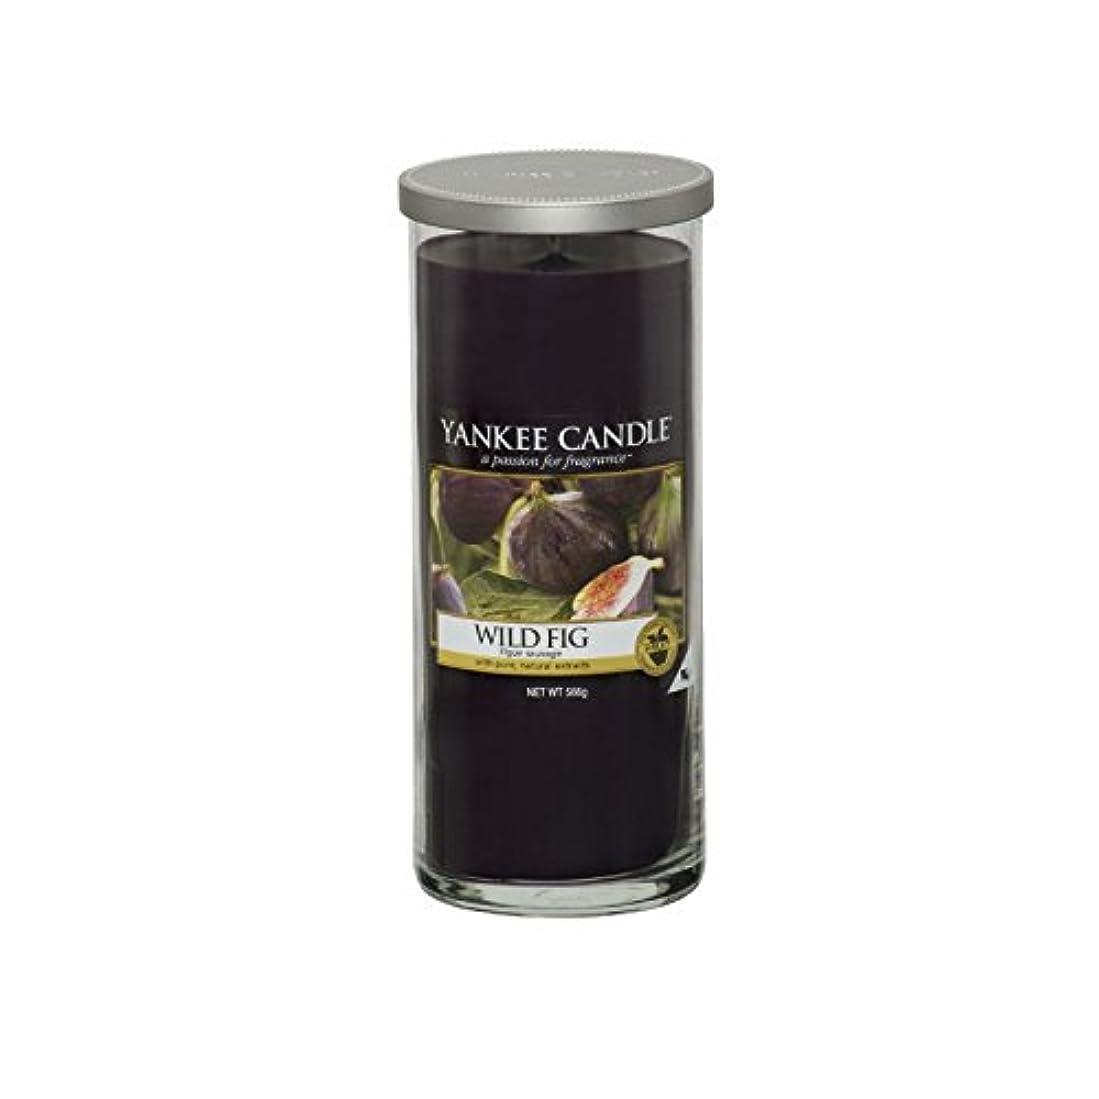 リクルート今晩共産主義者Yankee Candles Large Pillar Candle - Wild Fig (Pack of 6) - ヤンキーキャンドル大きな柱キャンドル - 野生のイチジク (x6) [並行輸入品]